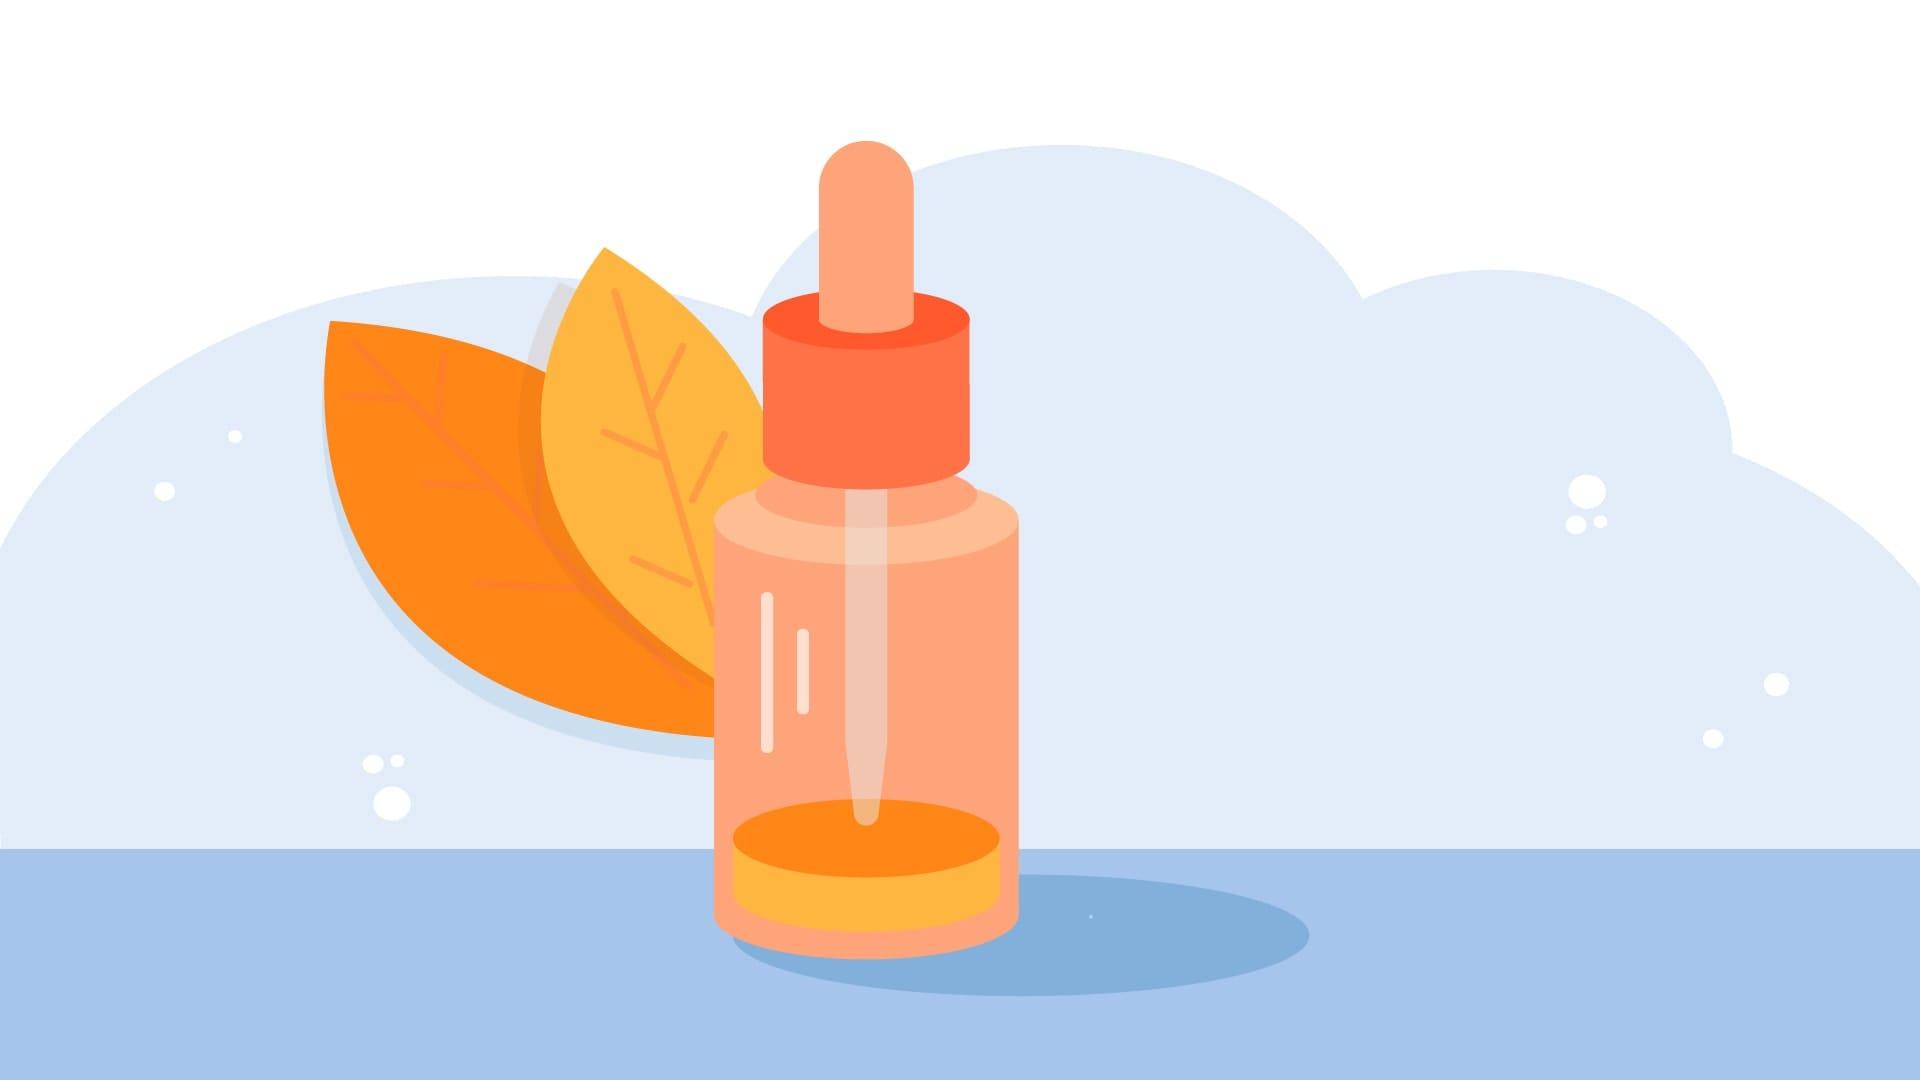 Illustration of tea tree oil